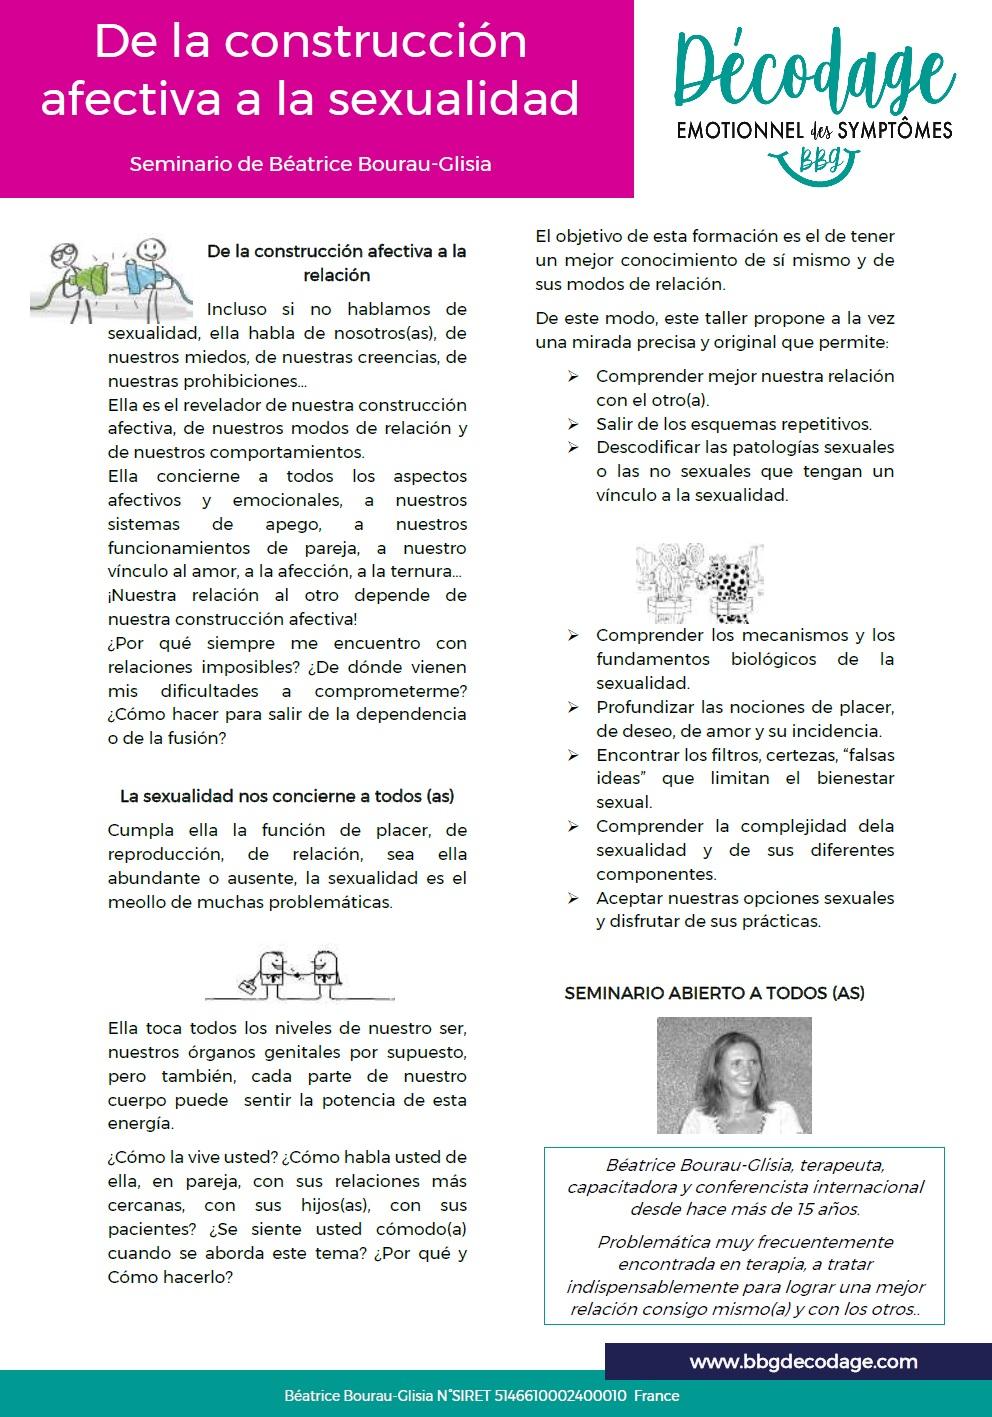 Sexualidad-descodificacion-biologica